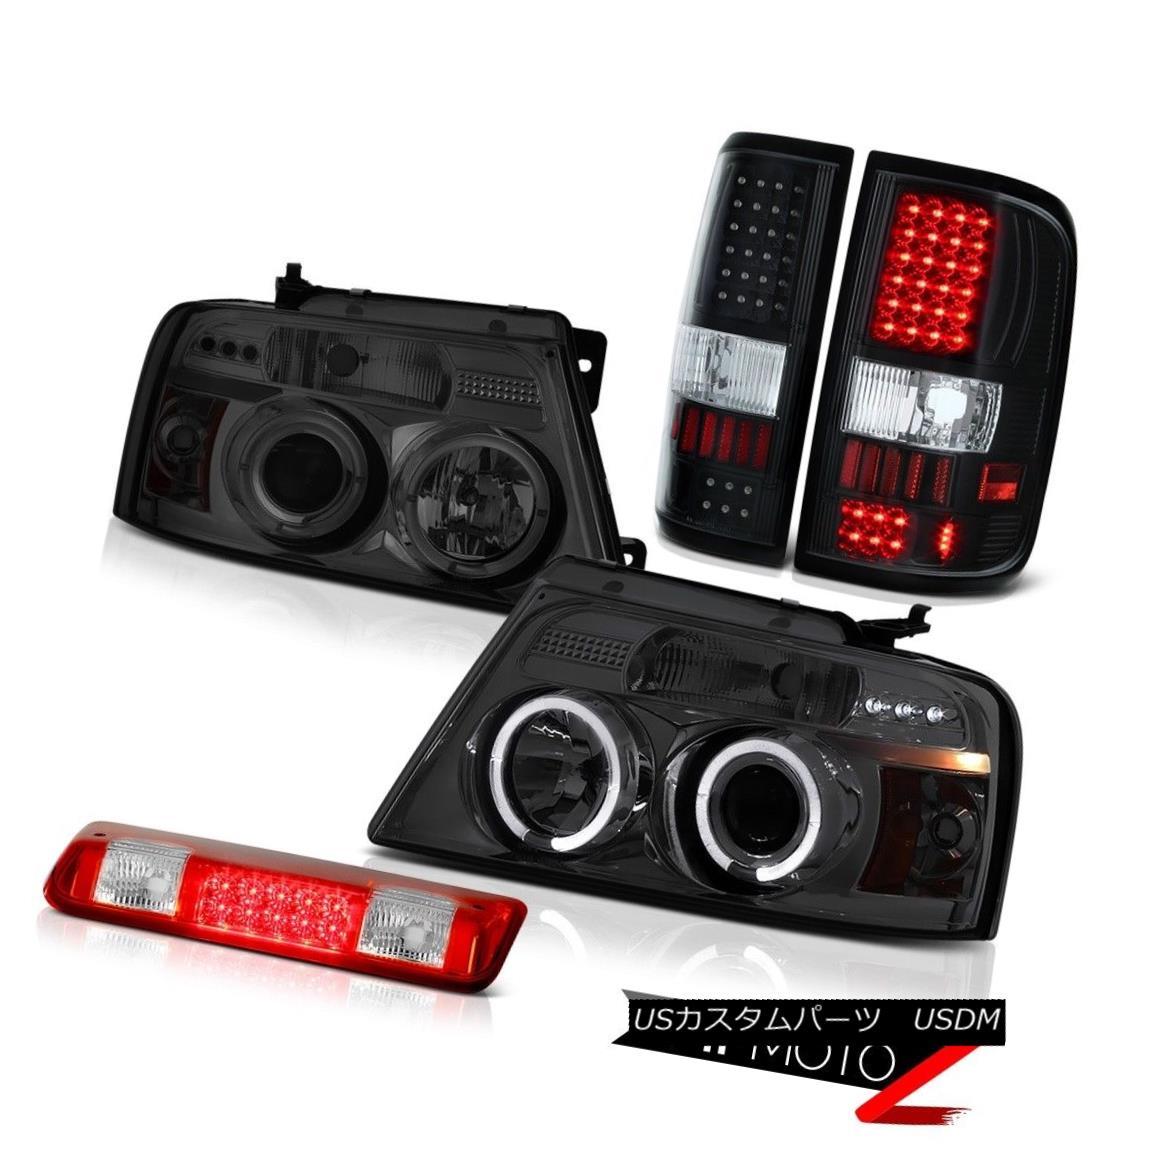 テールライト 04-08 Ford F150 STX Red Third Brake Light Parking Lights Smoked Headlamps LED 04-08 Ford F150 STXレッド第3ブレーキライトパーキングライトスモークヘッドランプLED